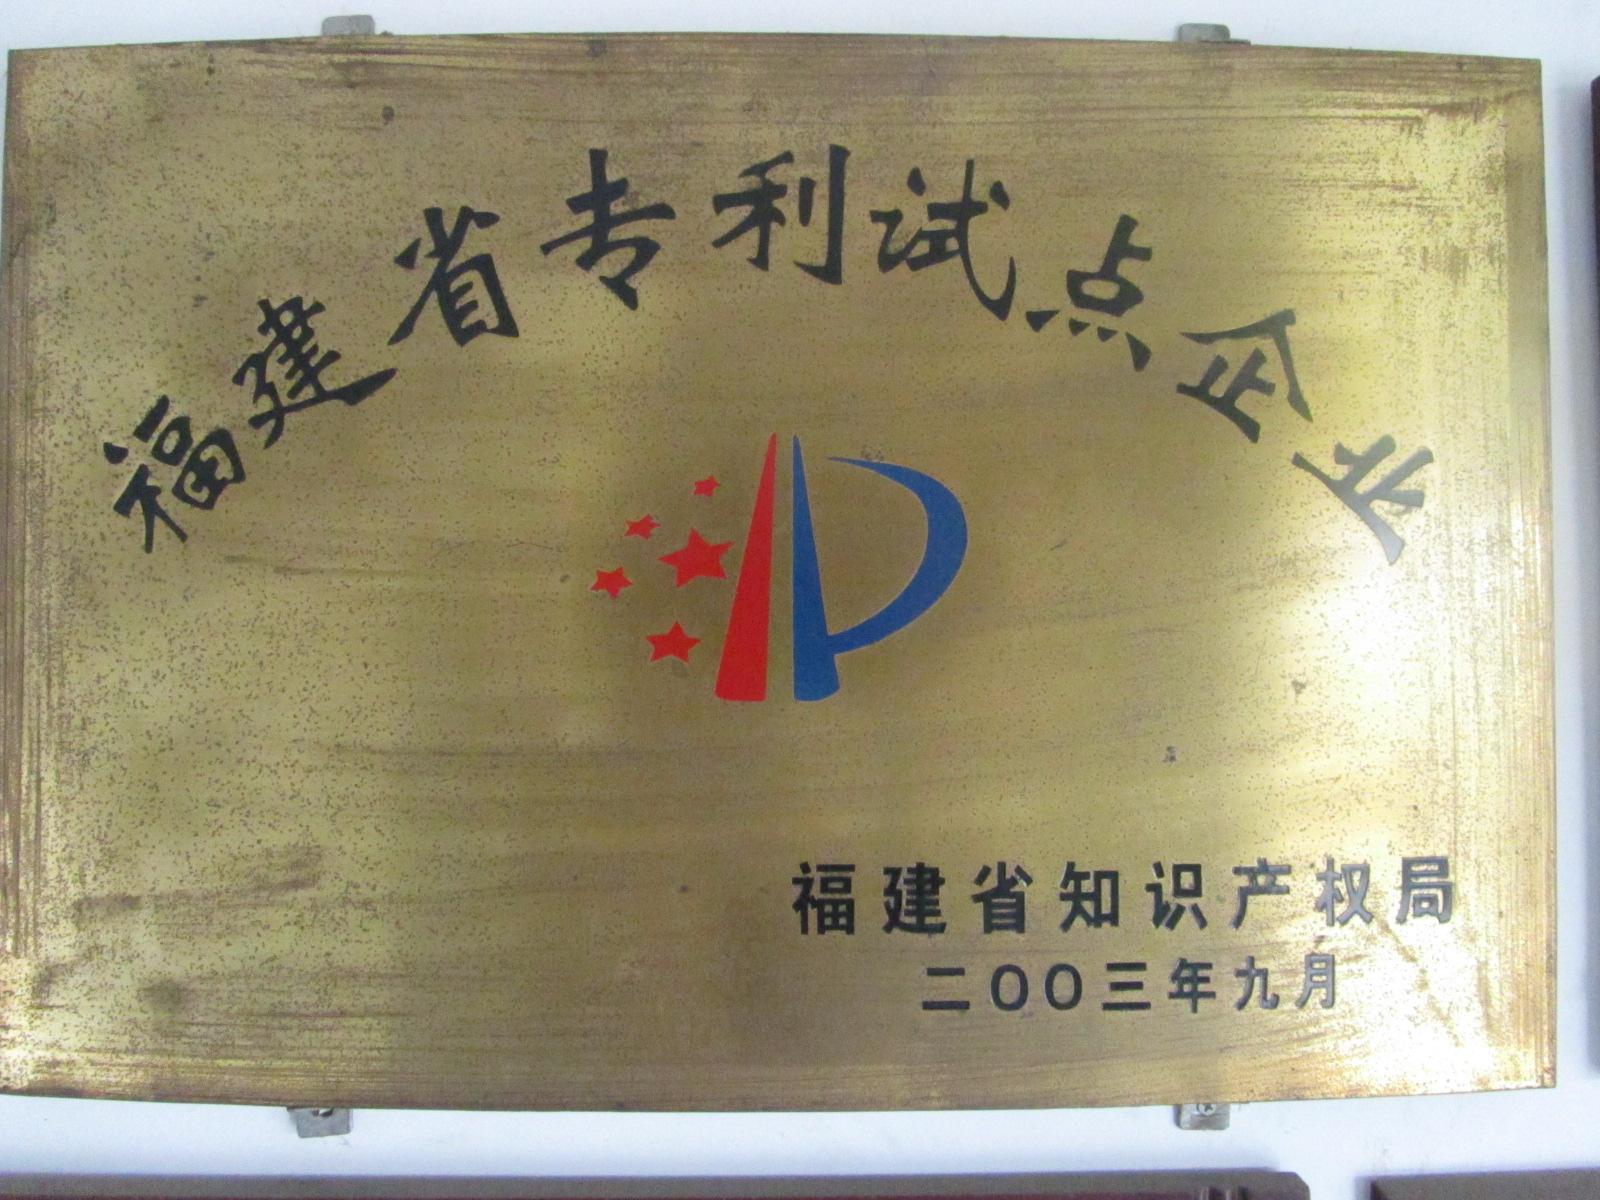 2003年9月丰力粉碎机被福建省知识产权局认定为福建省专利试点企业。